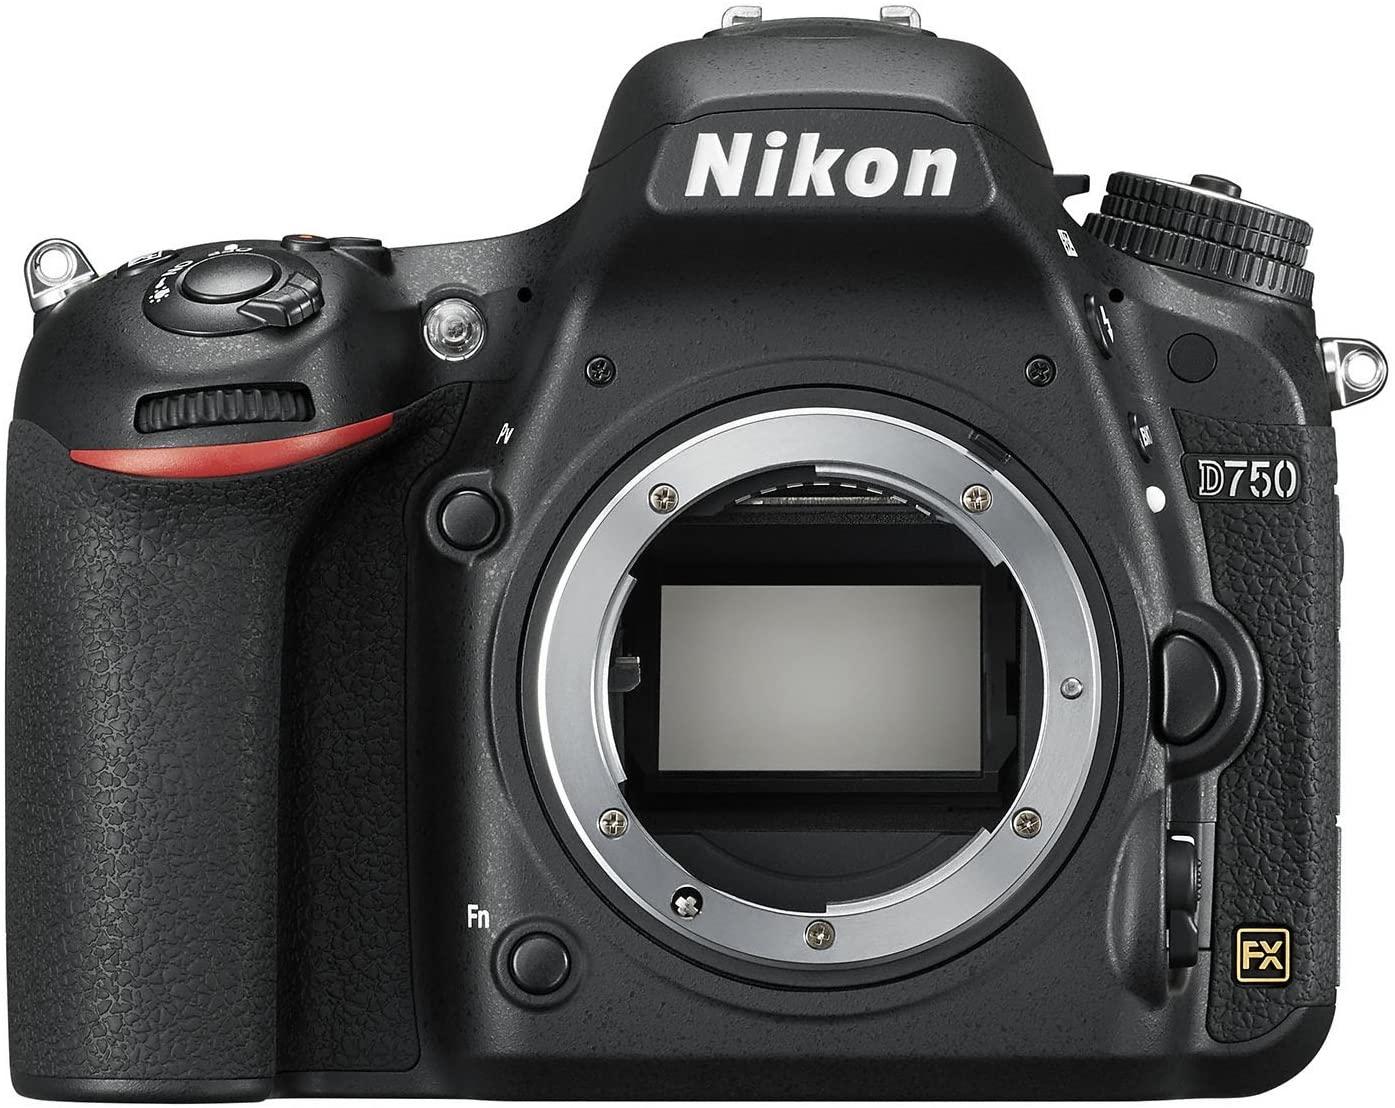 Nikon D750 DSLR Camera